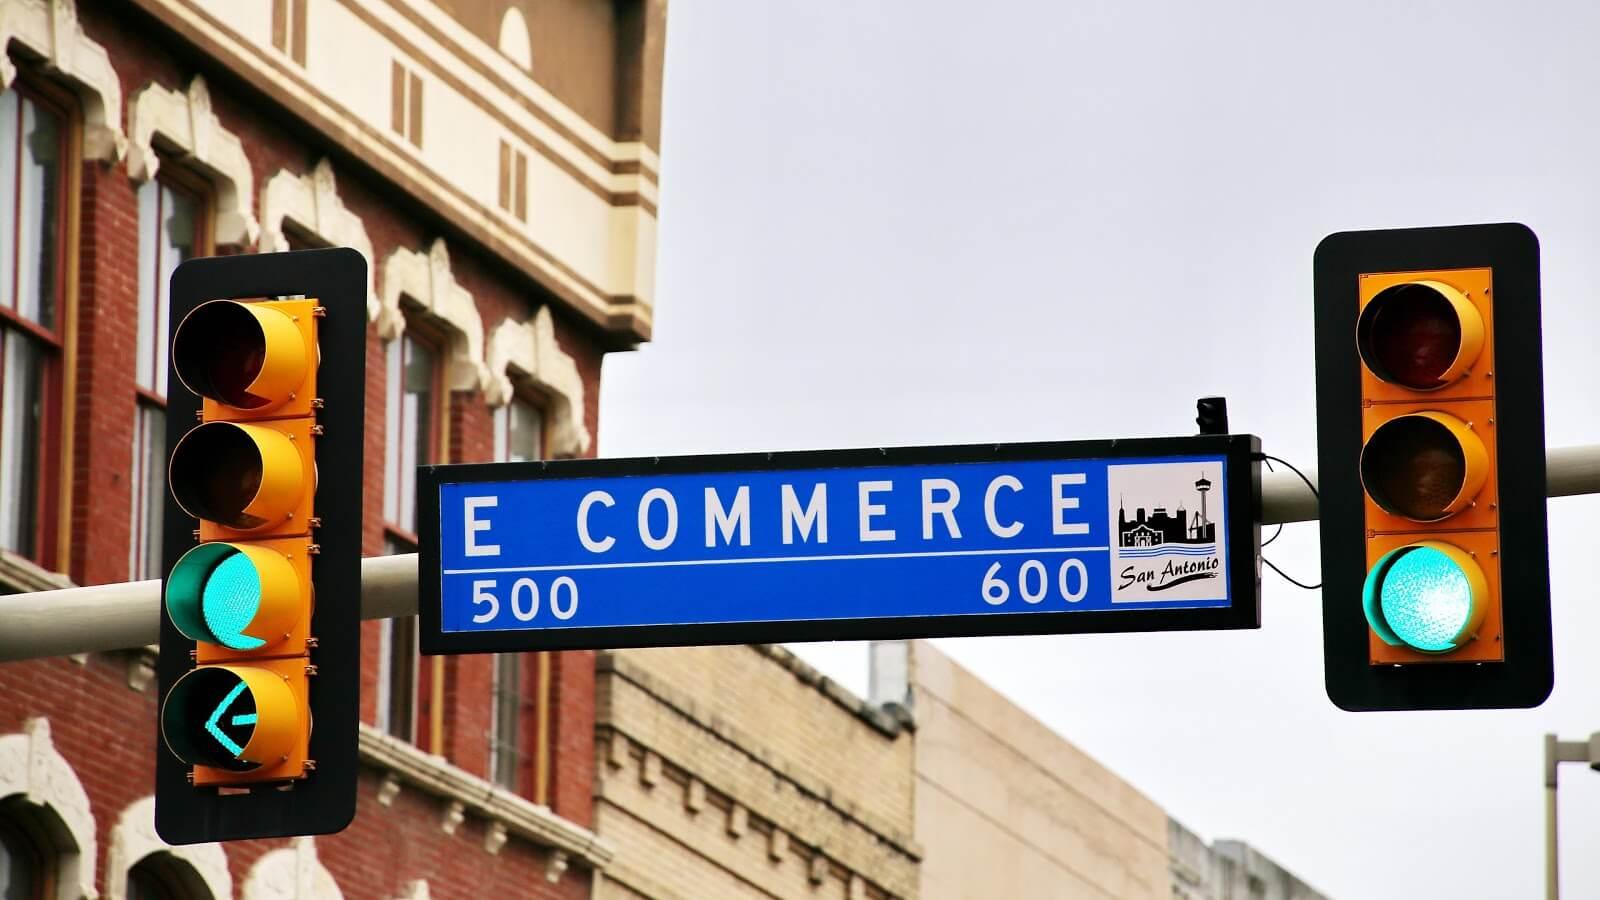 E-commerce street